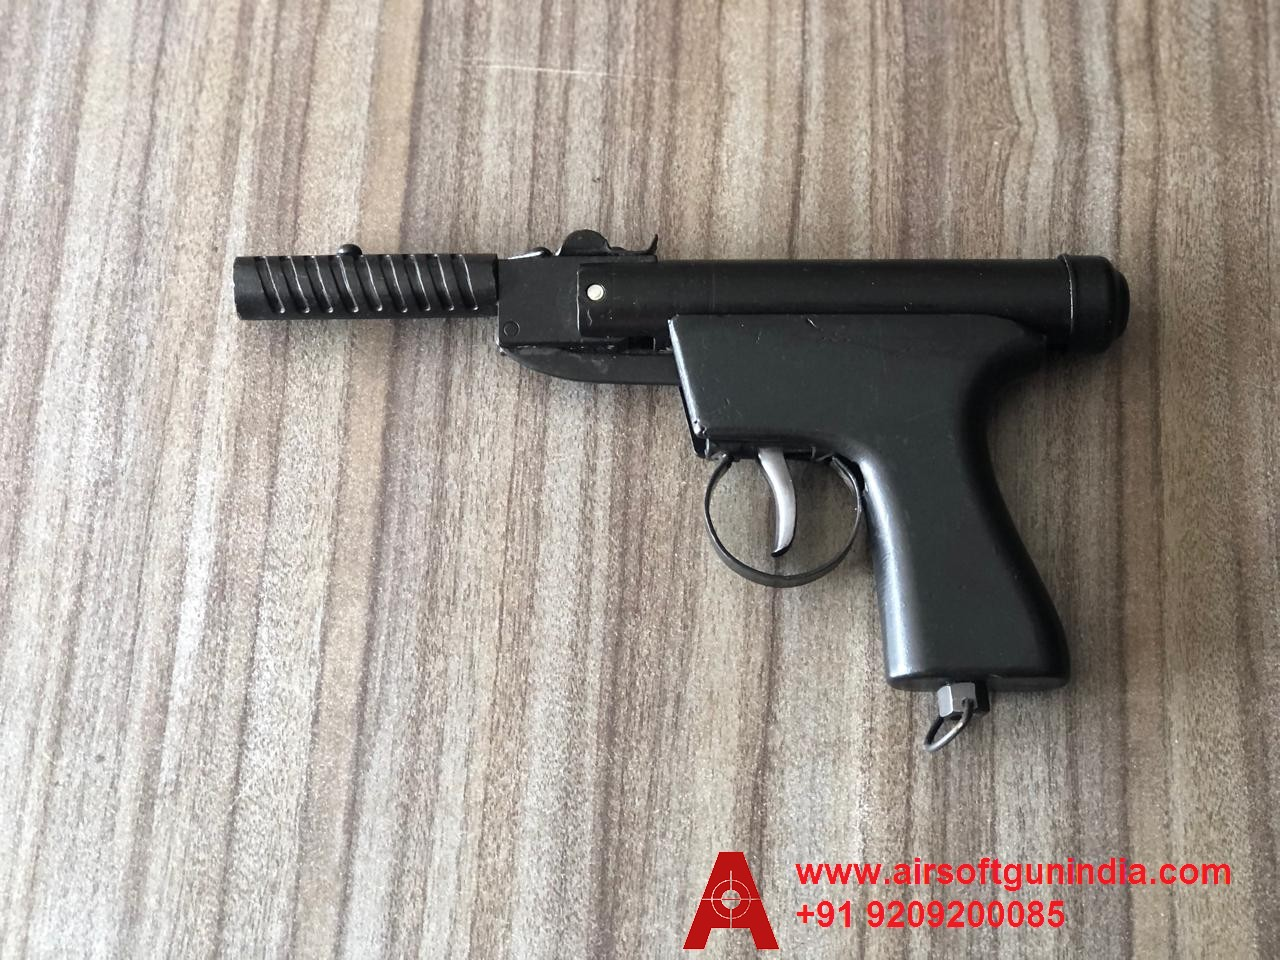 Prince Blackair Pistol By Airsoft Gun India